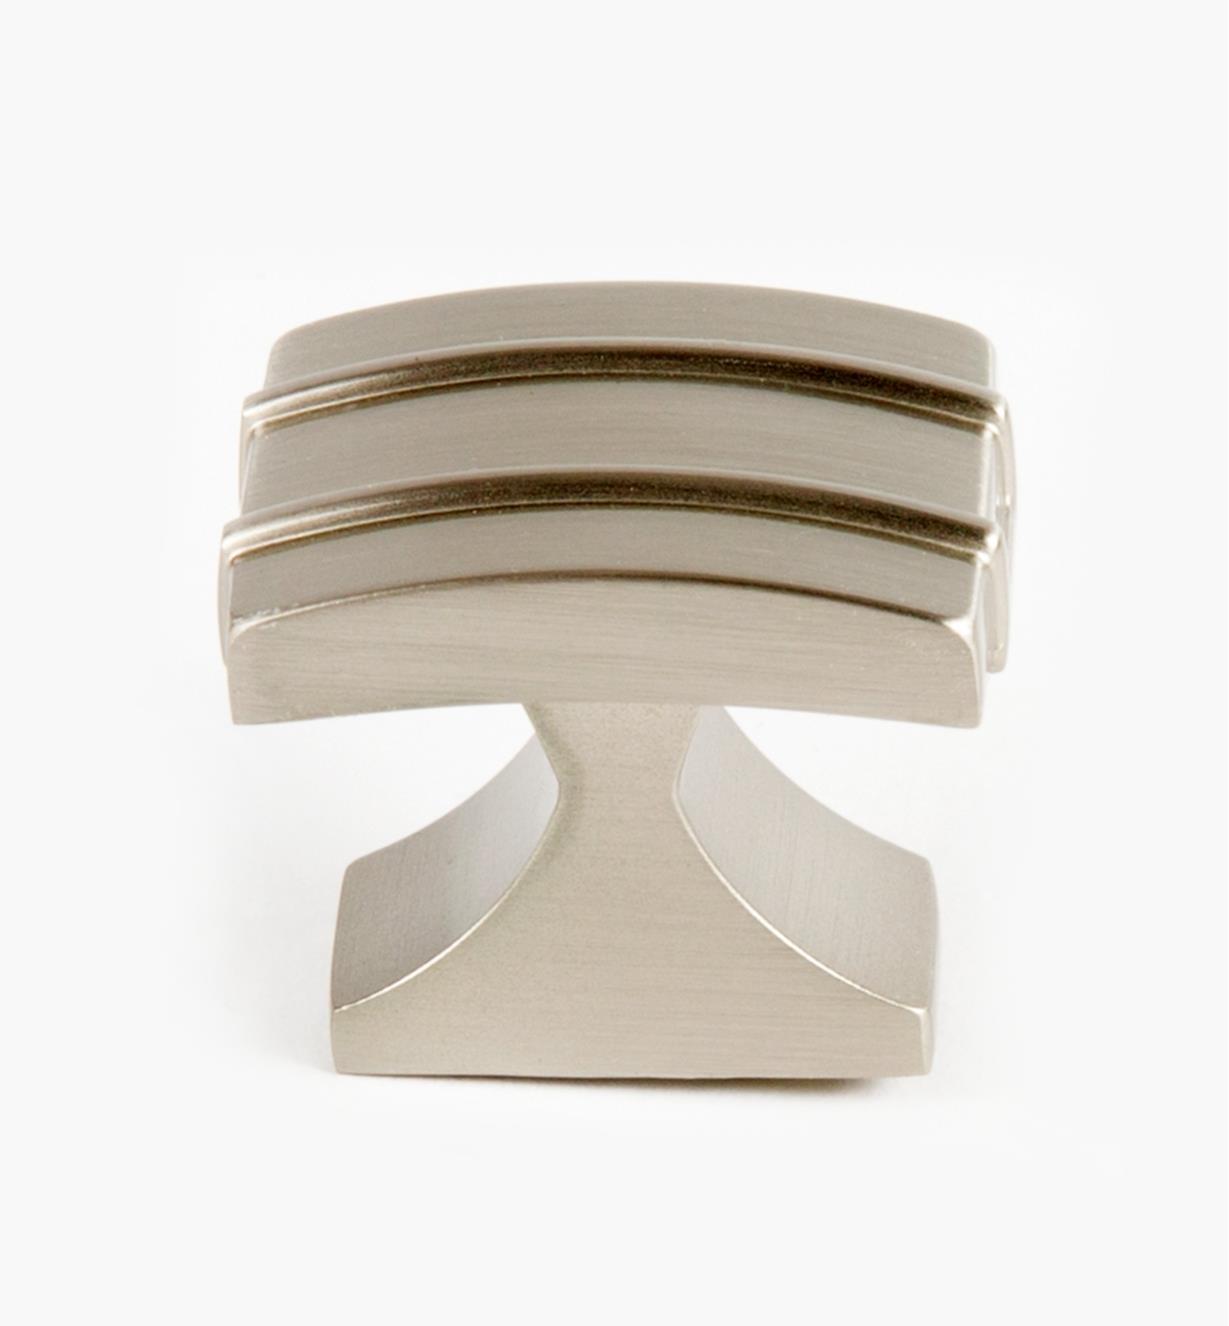 02A1440 - Petit bouton Davenport, 11/4po x 1po, nickel satiné, l'unité